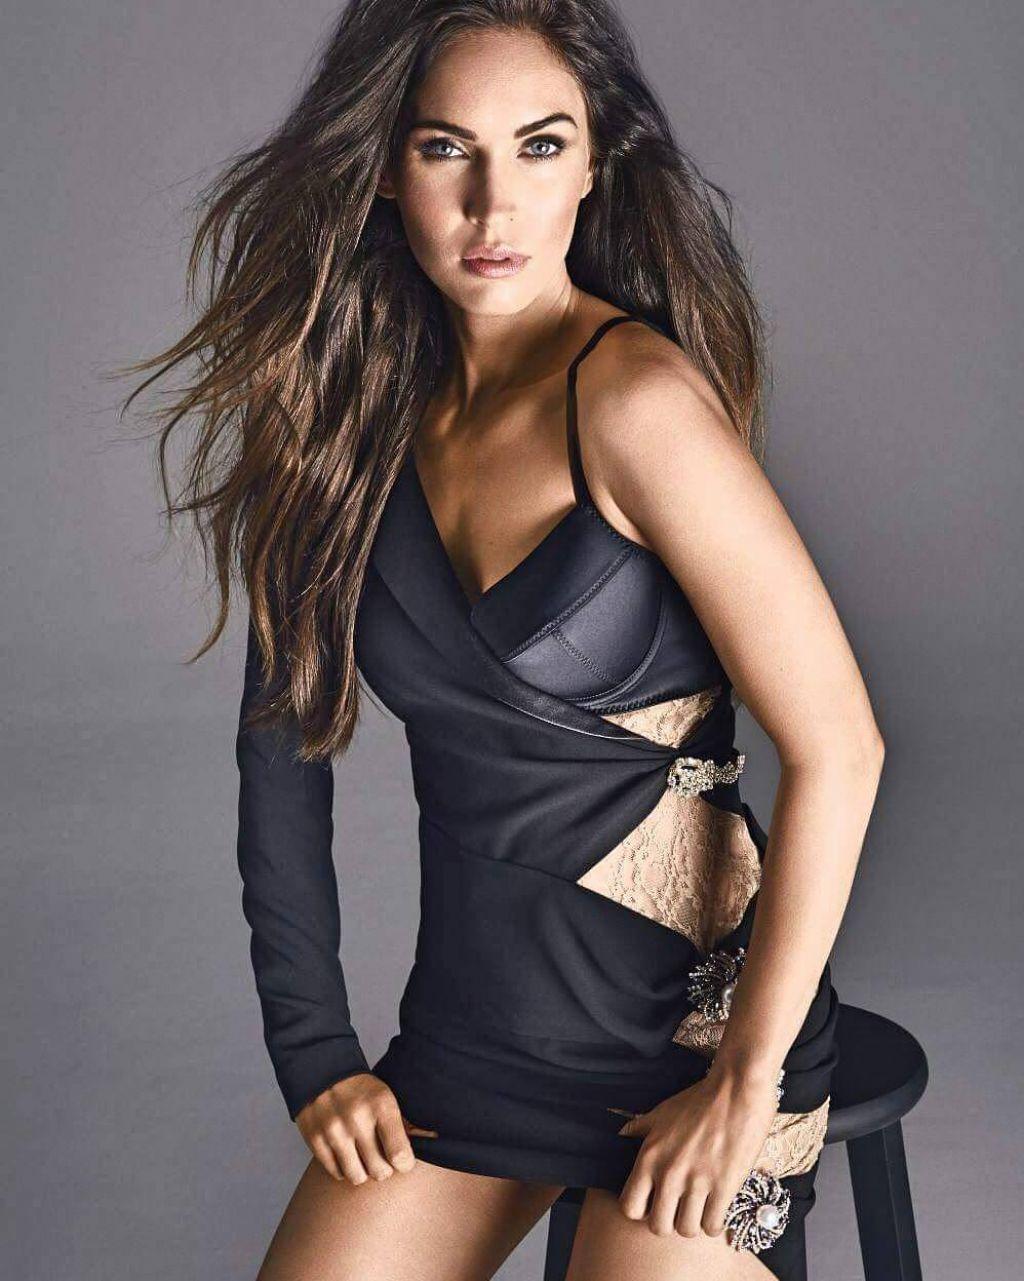 Hot Sexy Nude Megan Fox